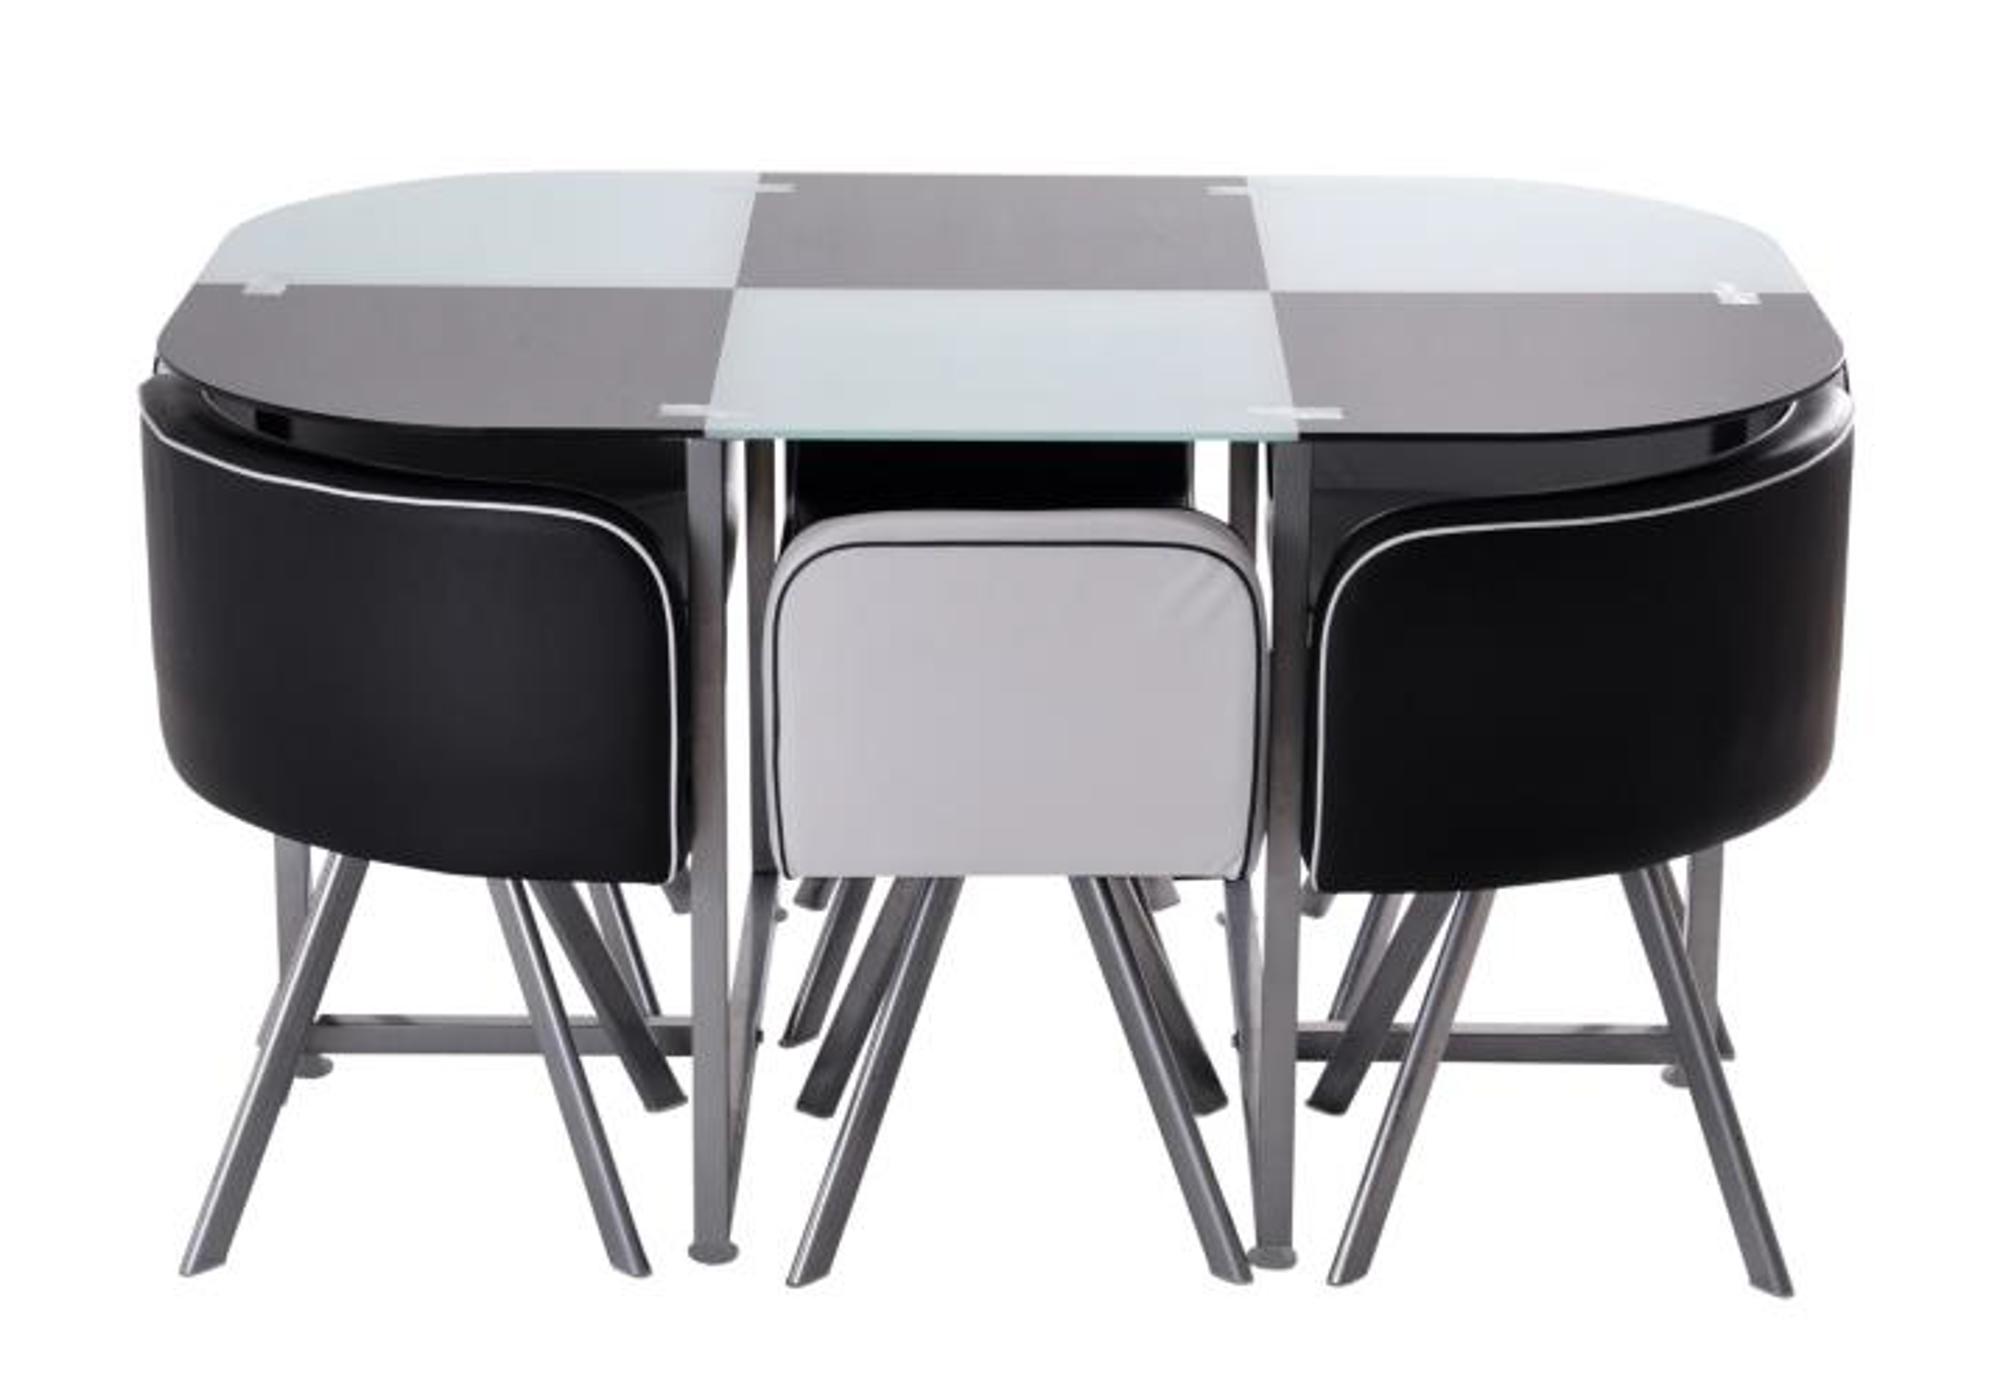 Table manger 6 chaises noir SPACE